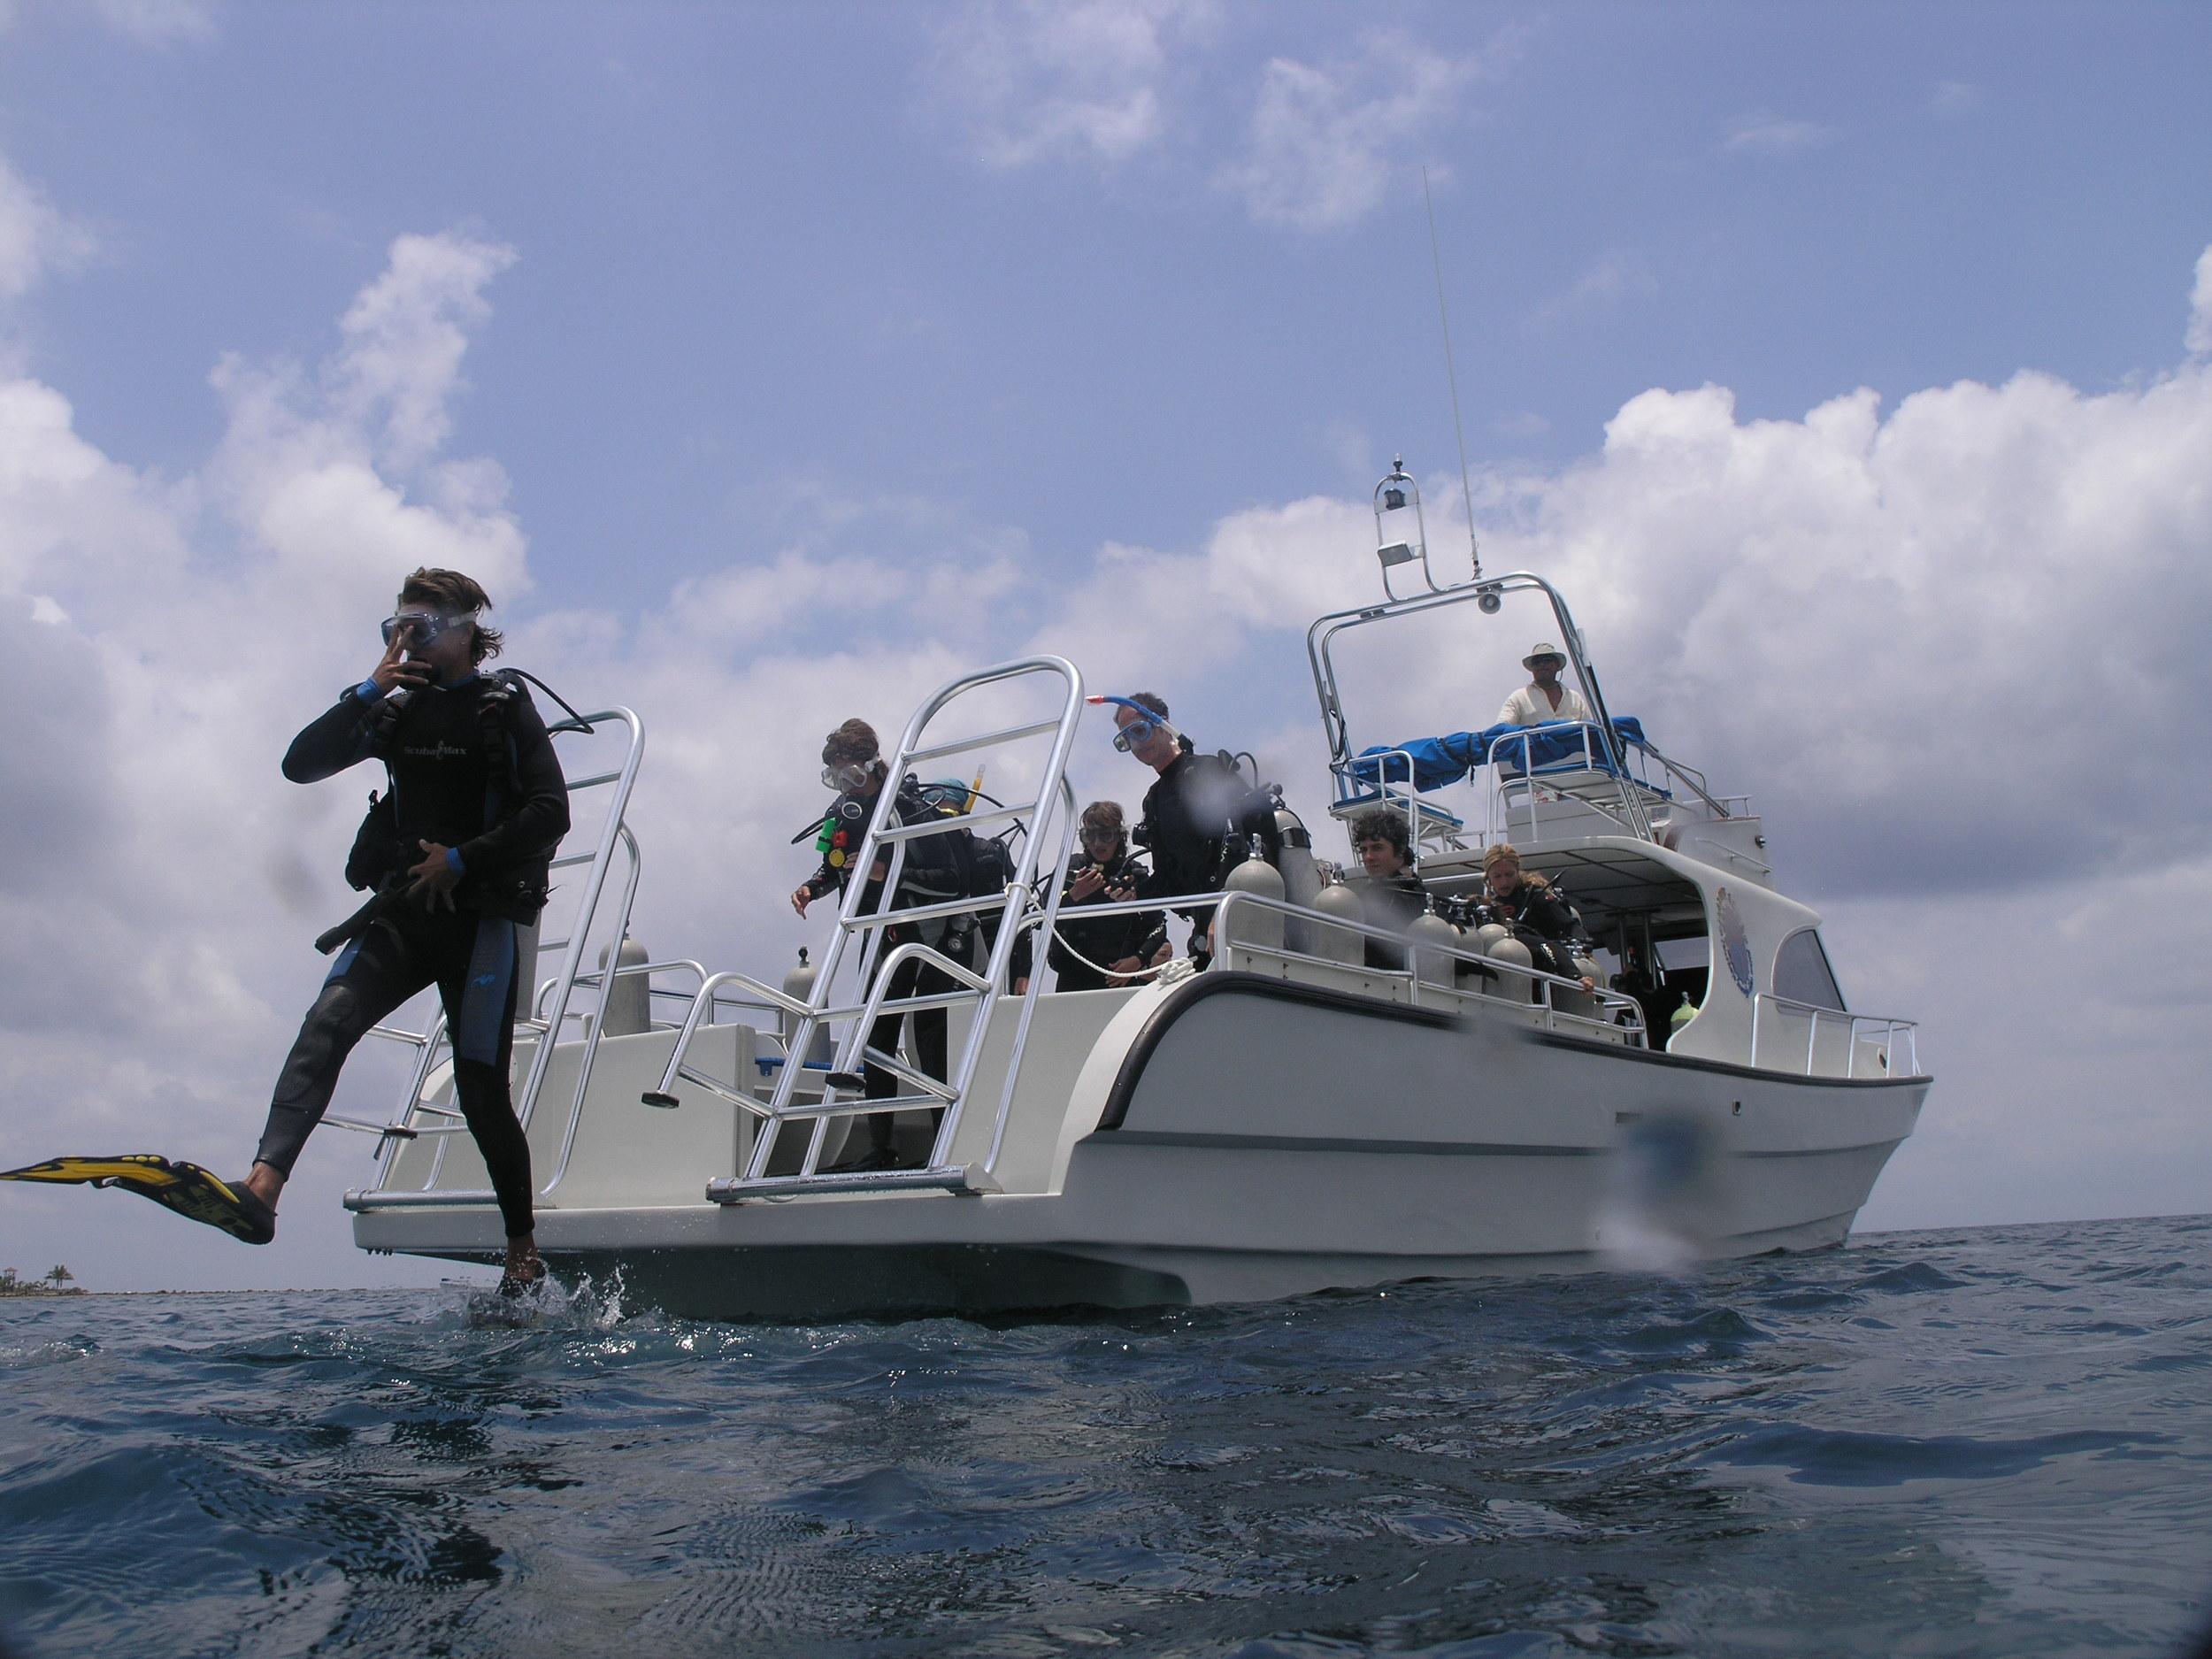 Giant Stride entry, scuba diving, Roatan